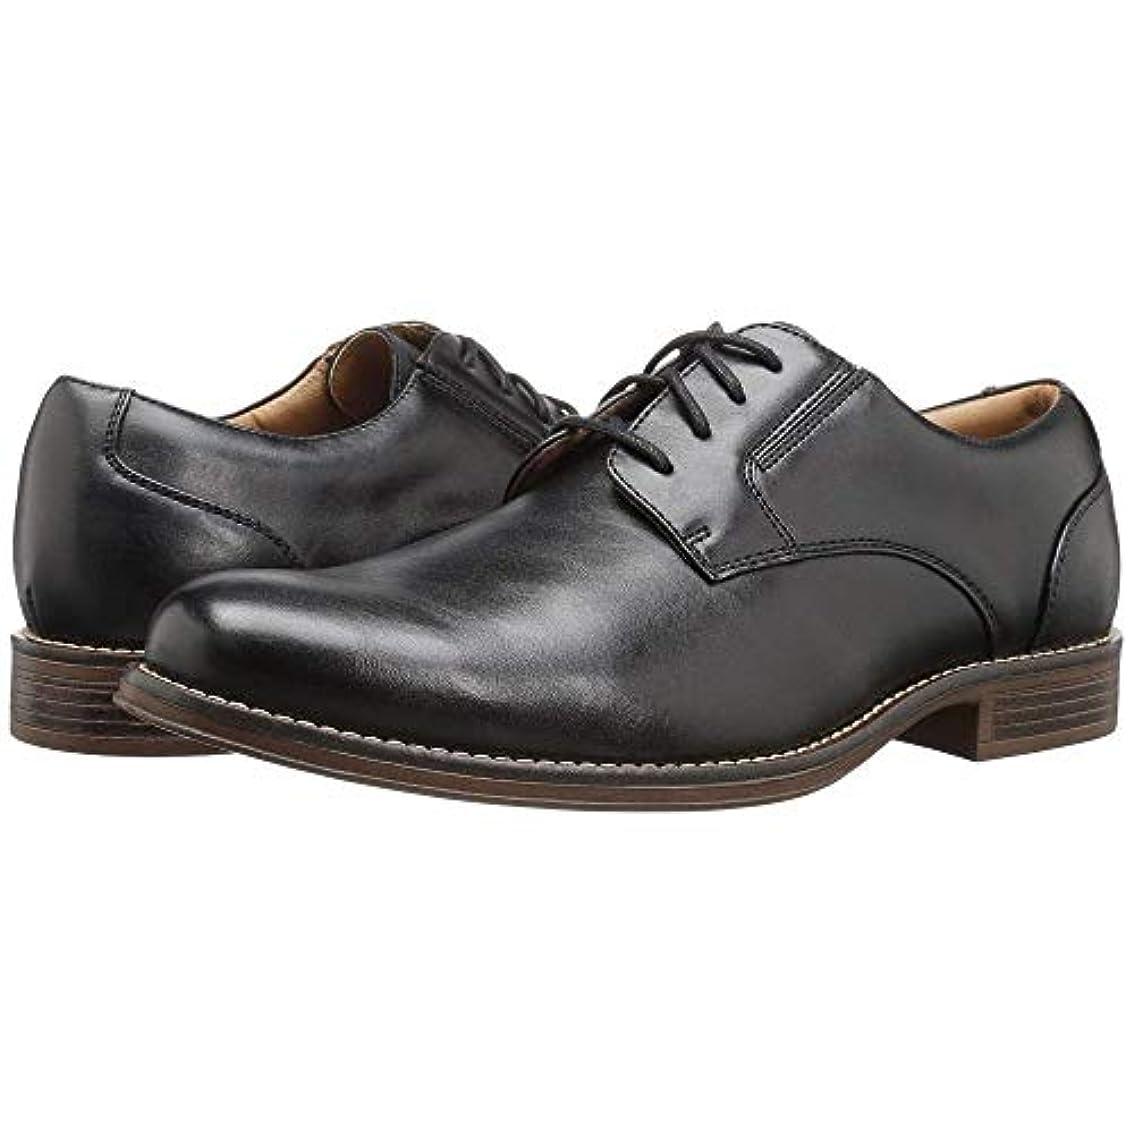 場合マインド底(ドッカーズ) Dockers メンズ シューズ?靴 革靴?ビジネスシューズ Fairway [並行輸入品]